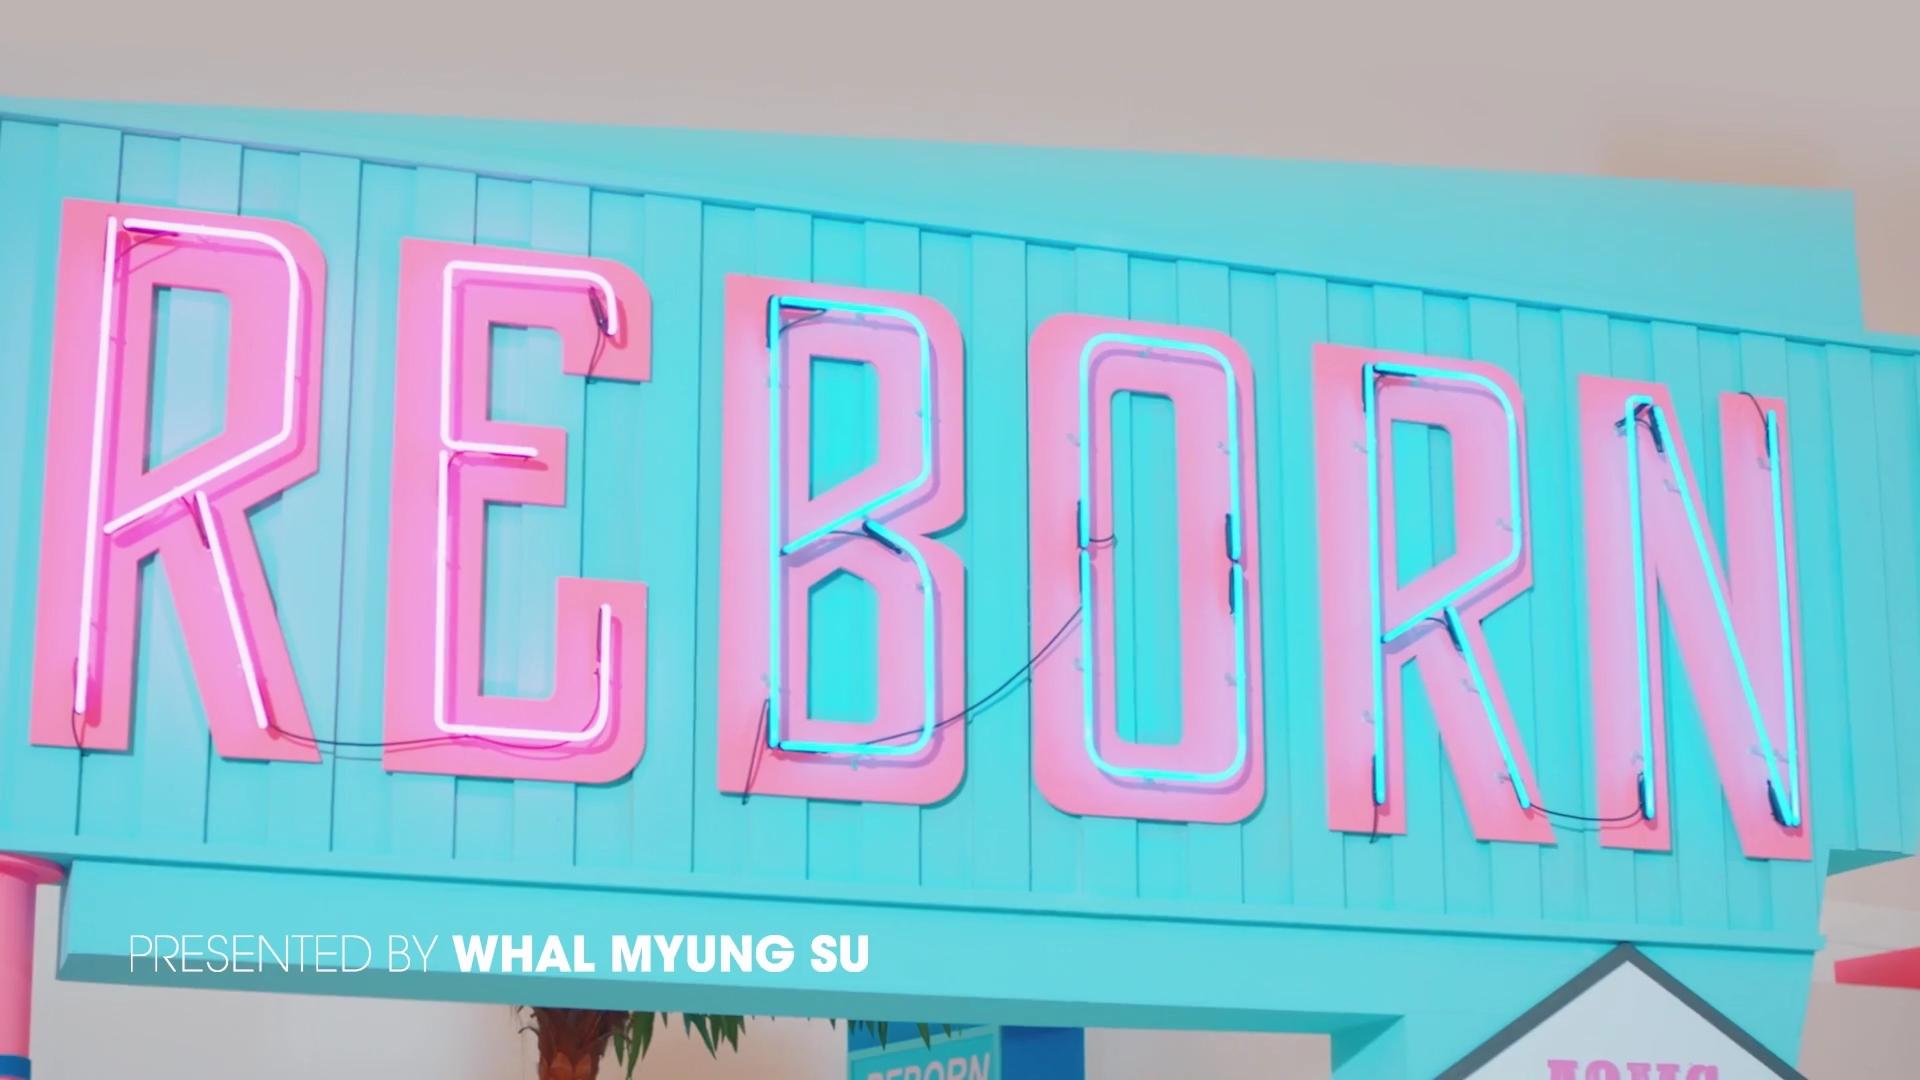 Reborn - Jay Park, Boi B, Double K